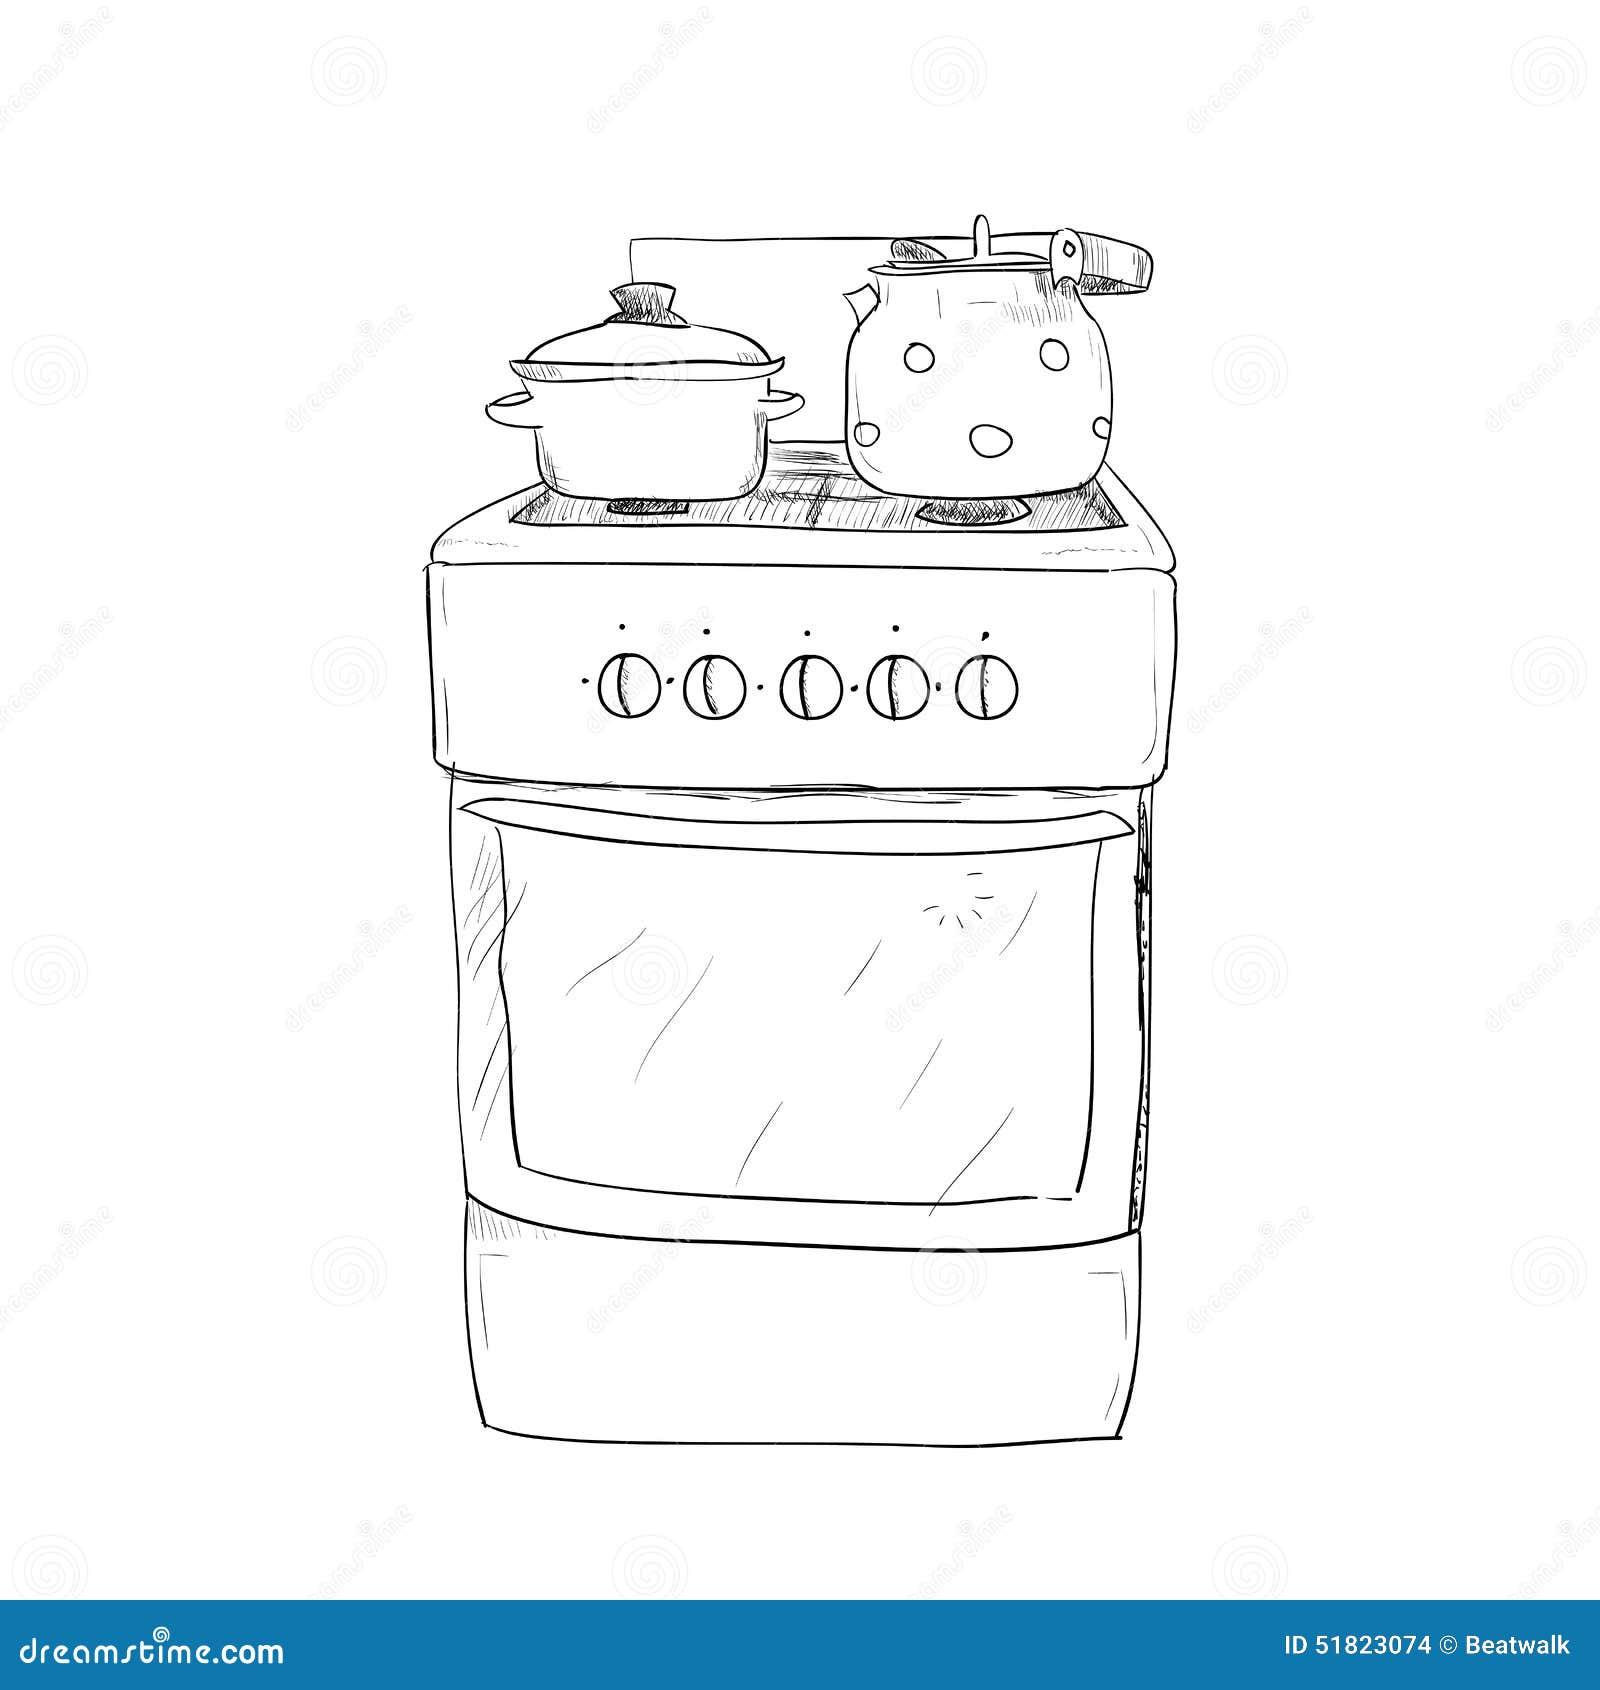 Bosquejo dibujado mano de la estufa de cocina ilustraci n for La cocina de dibujos pdf